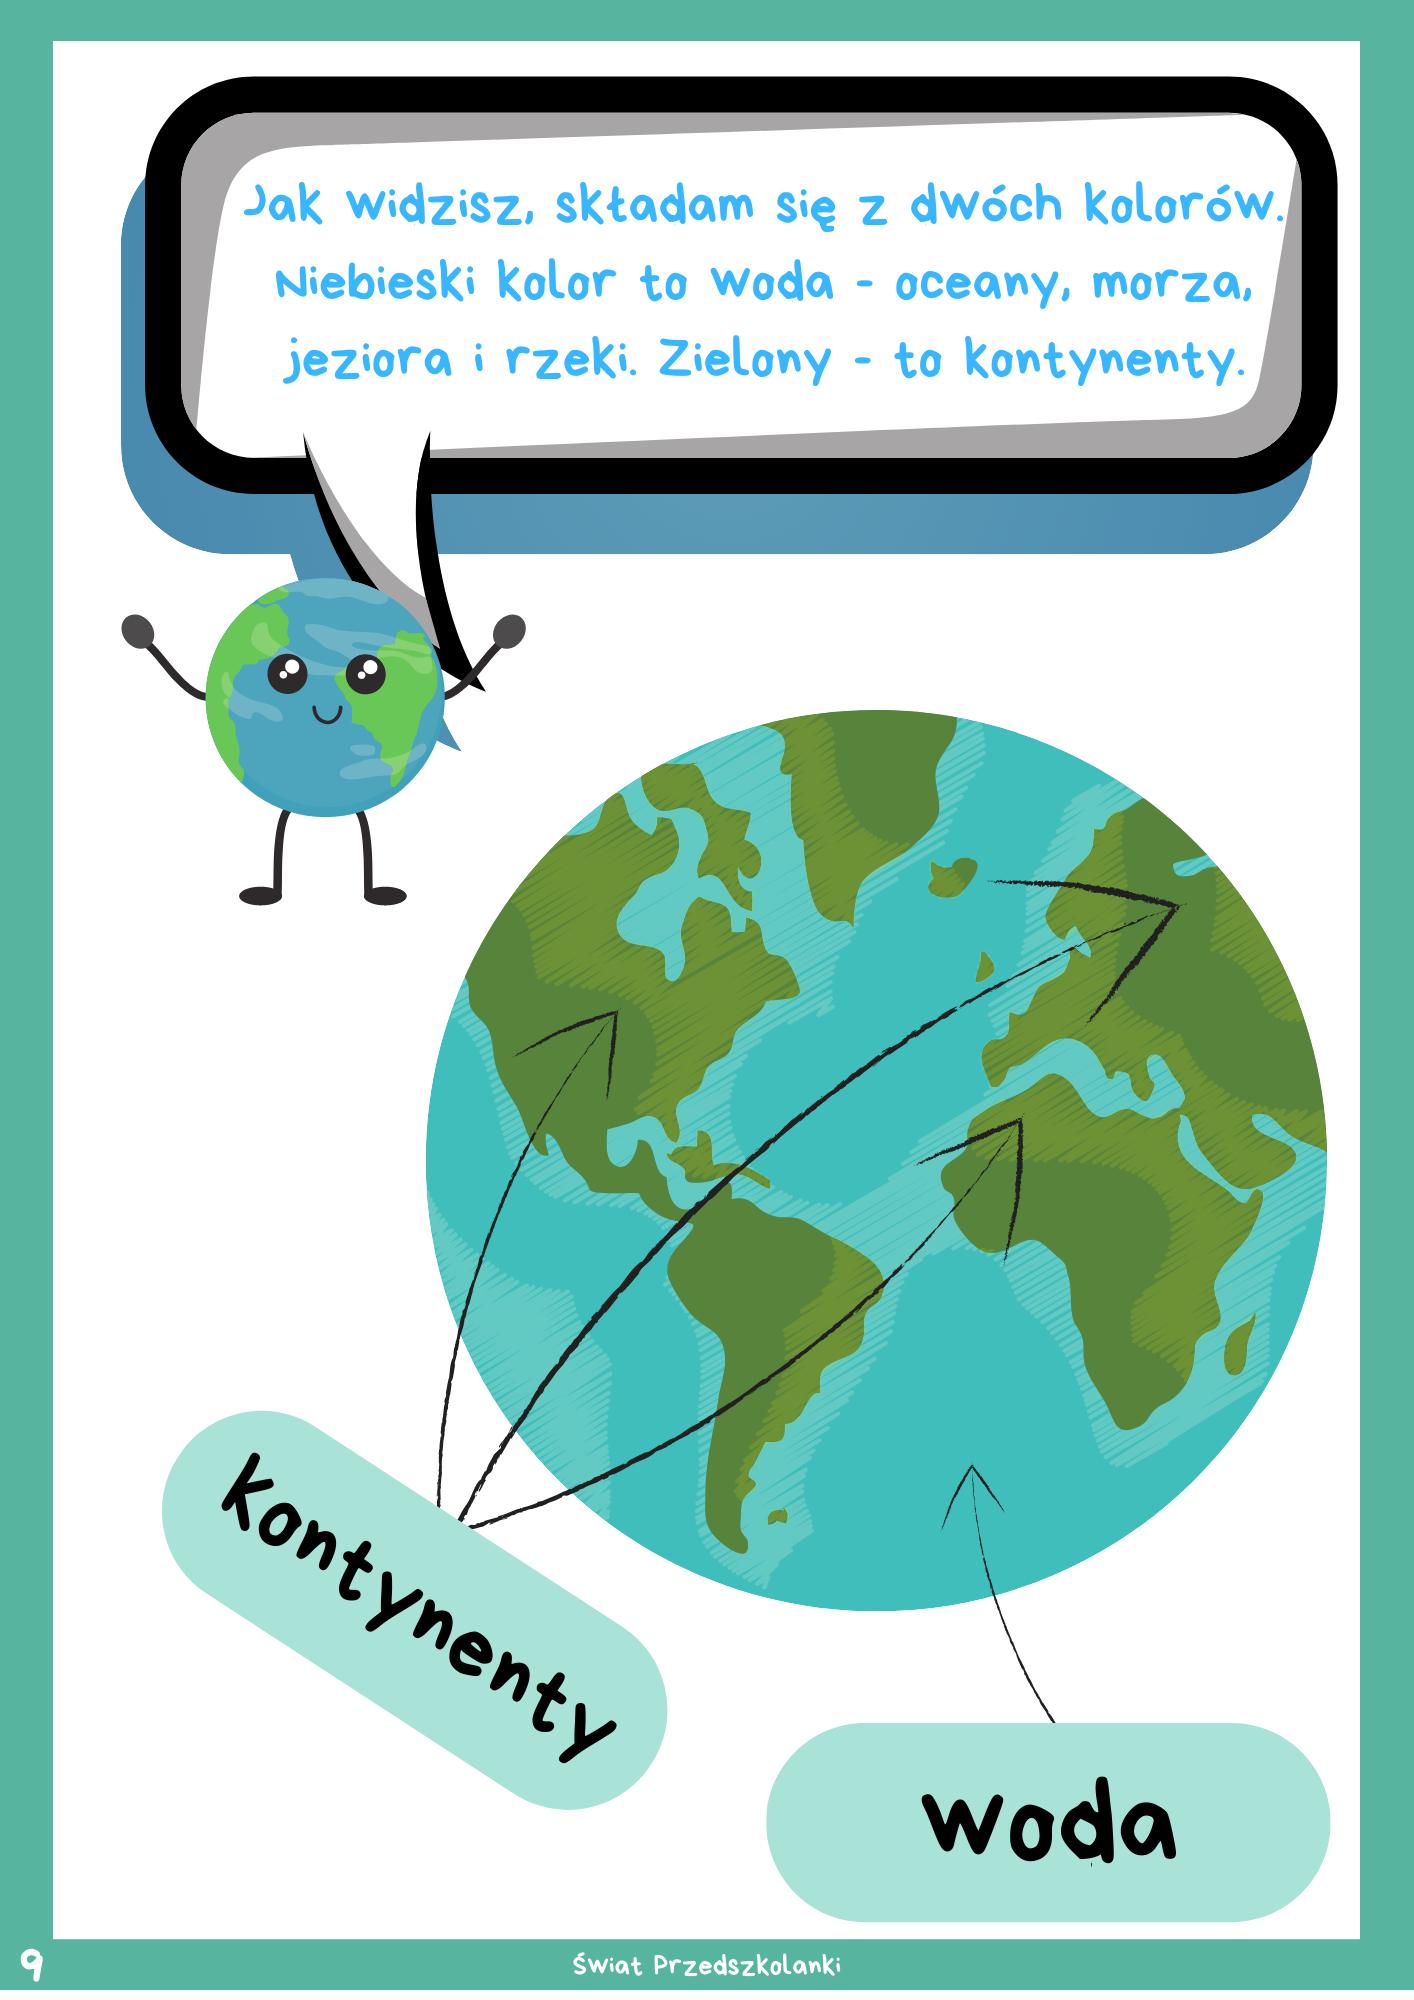 Dzien Ziemi Informator Dla Dzieci Swiat Przedszkolanki In 2020 Cute Coloring Pages Education Kids